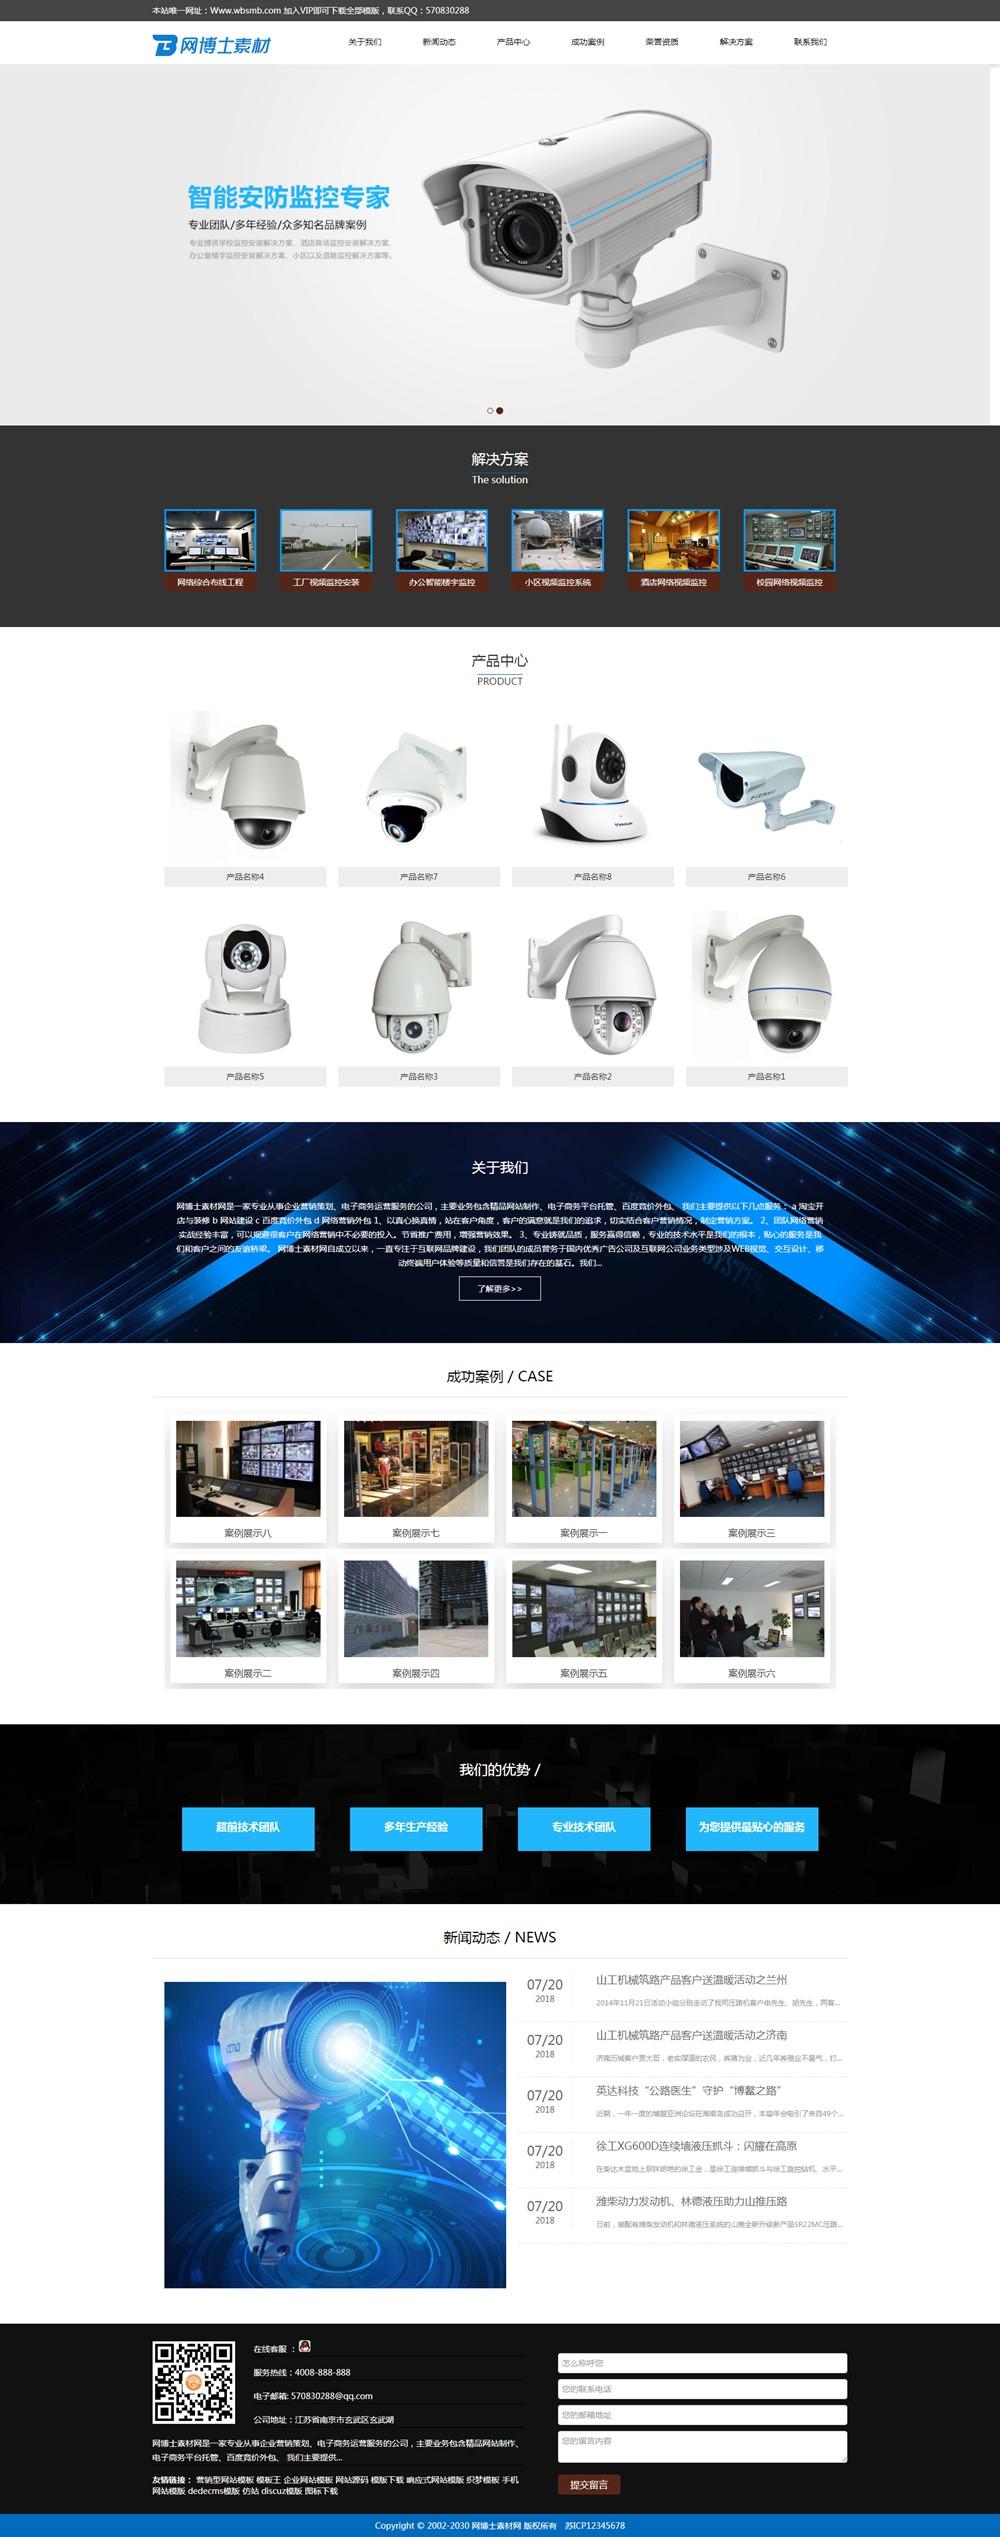 (自适应手机版)响应式数字防盗视频监控类网站织梦模板 HTML5智能监控设备网站源